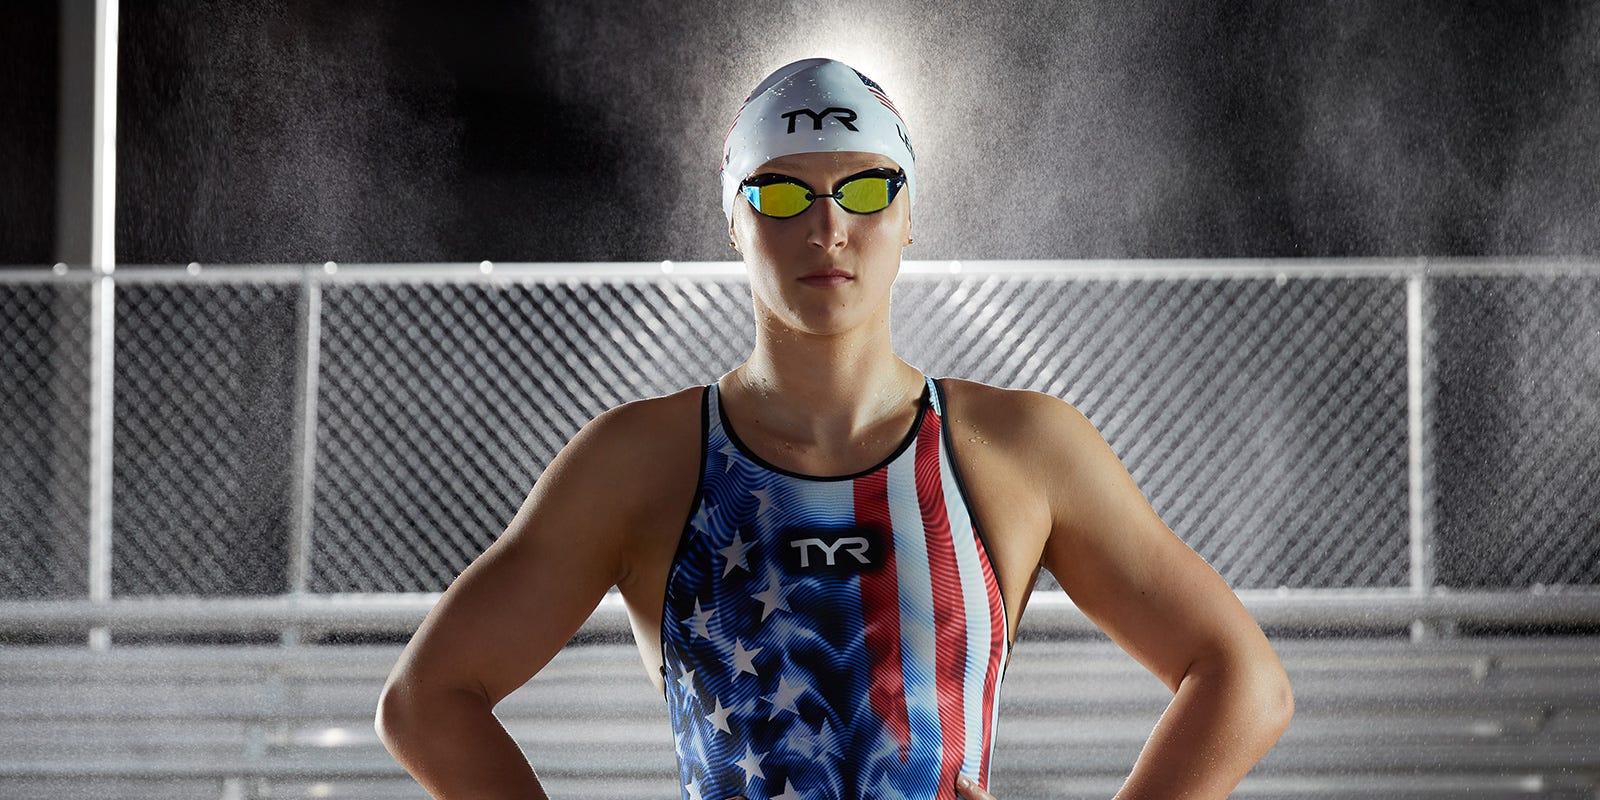 Team TYR - Katie Ledecky